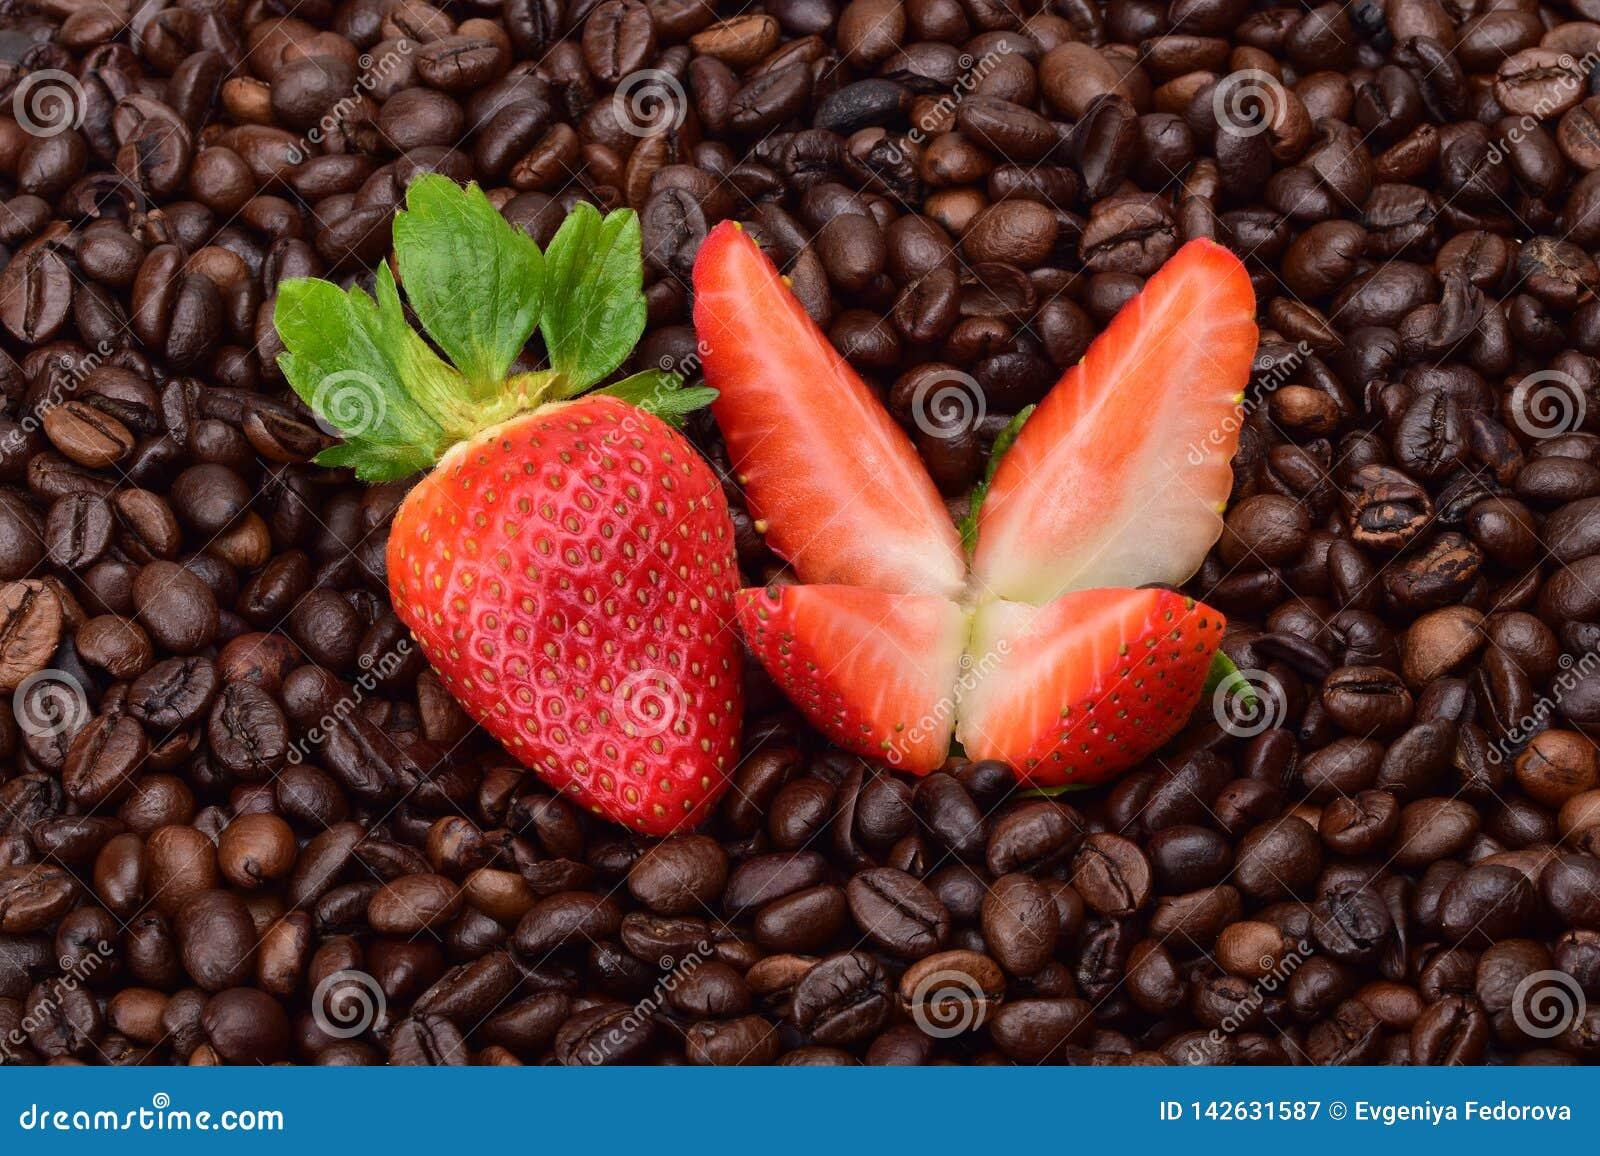 Φράουλες, περικοπή σε τέσσερα κομμάτια και ολόκληρο ένα μούρο των ώριμων φραουλών